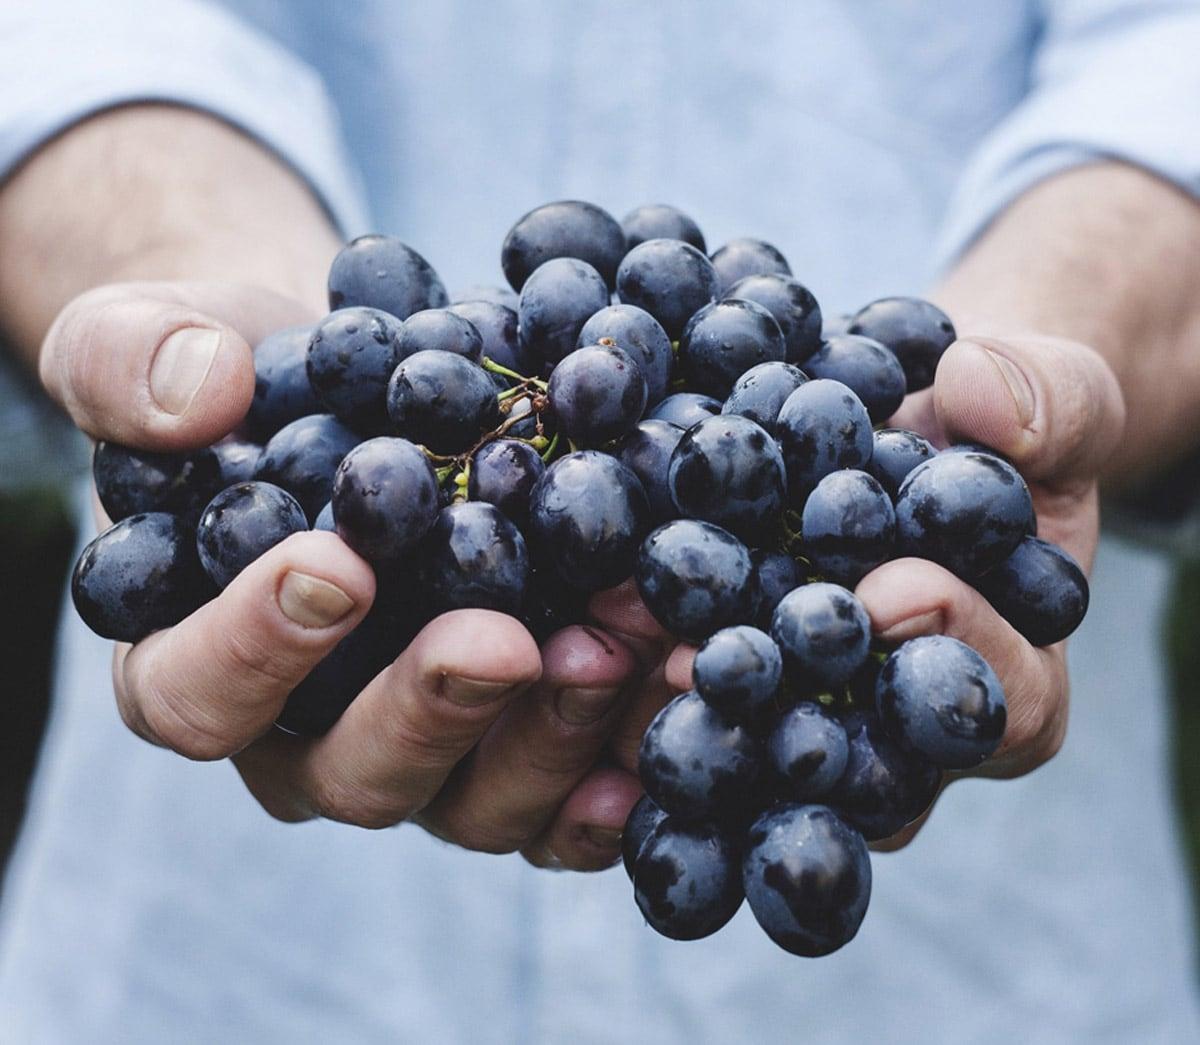 masseria-baroni-nuovi-vendemmia-uva-grappolo-salento-puglia